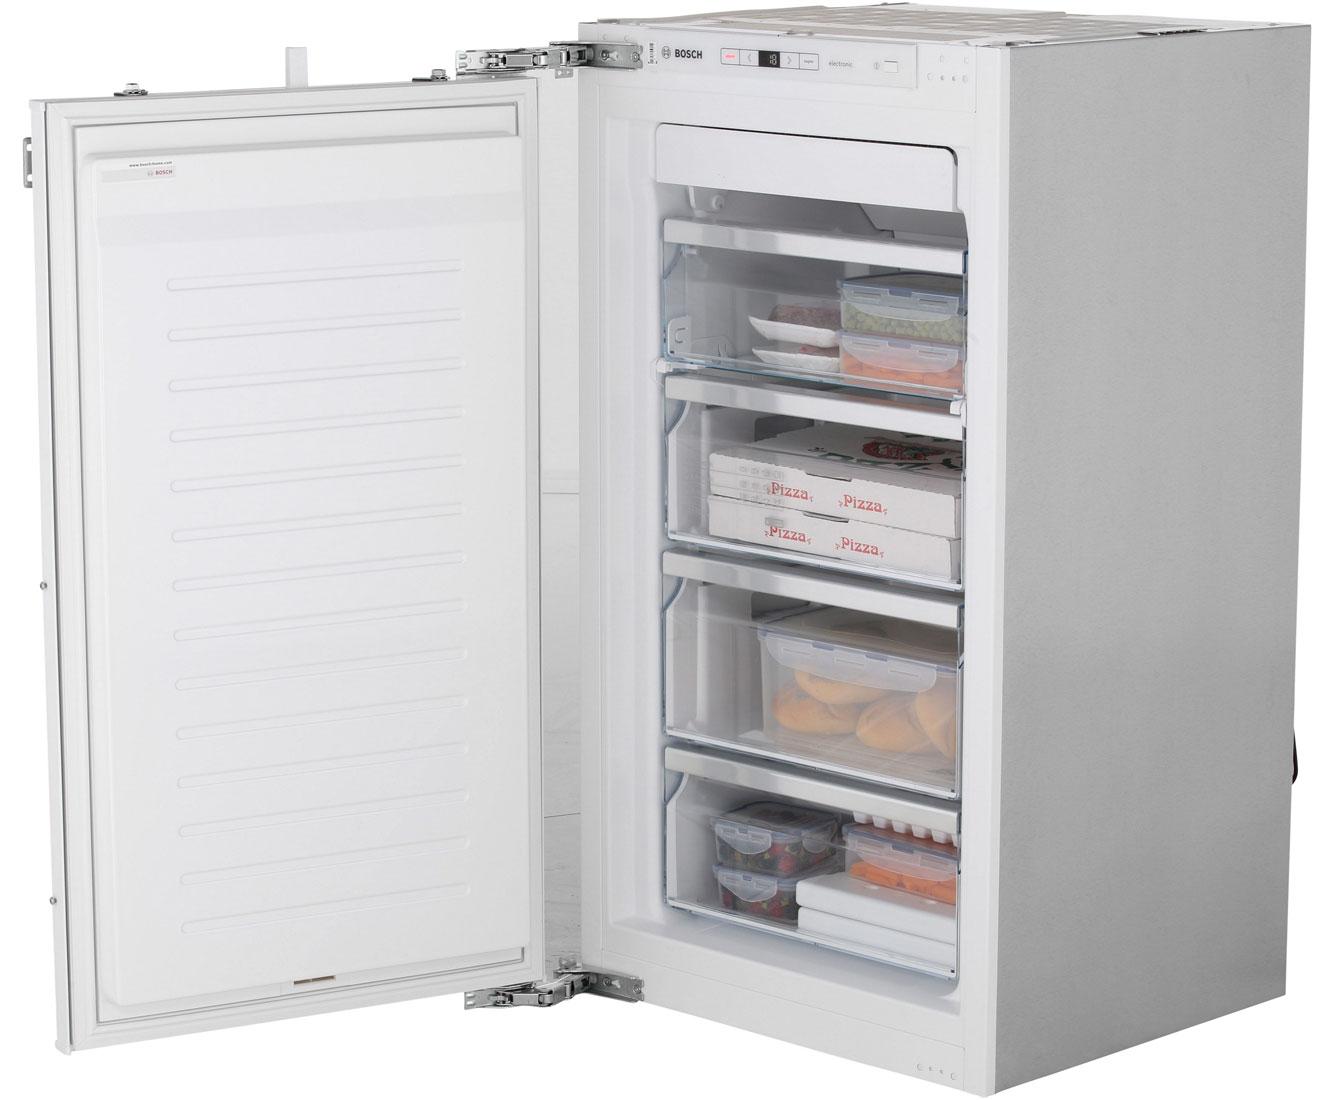 Bosch Kühlschrank Temperatureinstellung : Bosch kühlschrank temperatureinstellung bosch kühlschrank mit